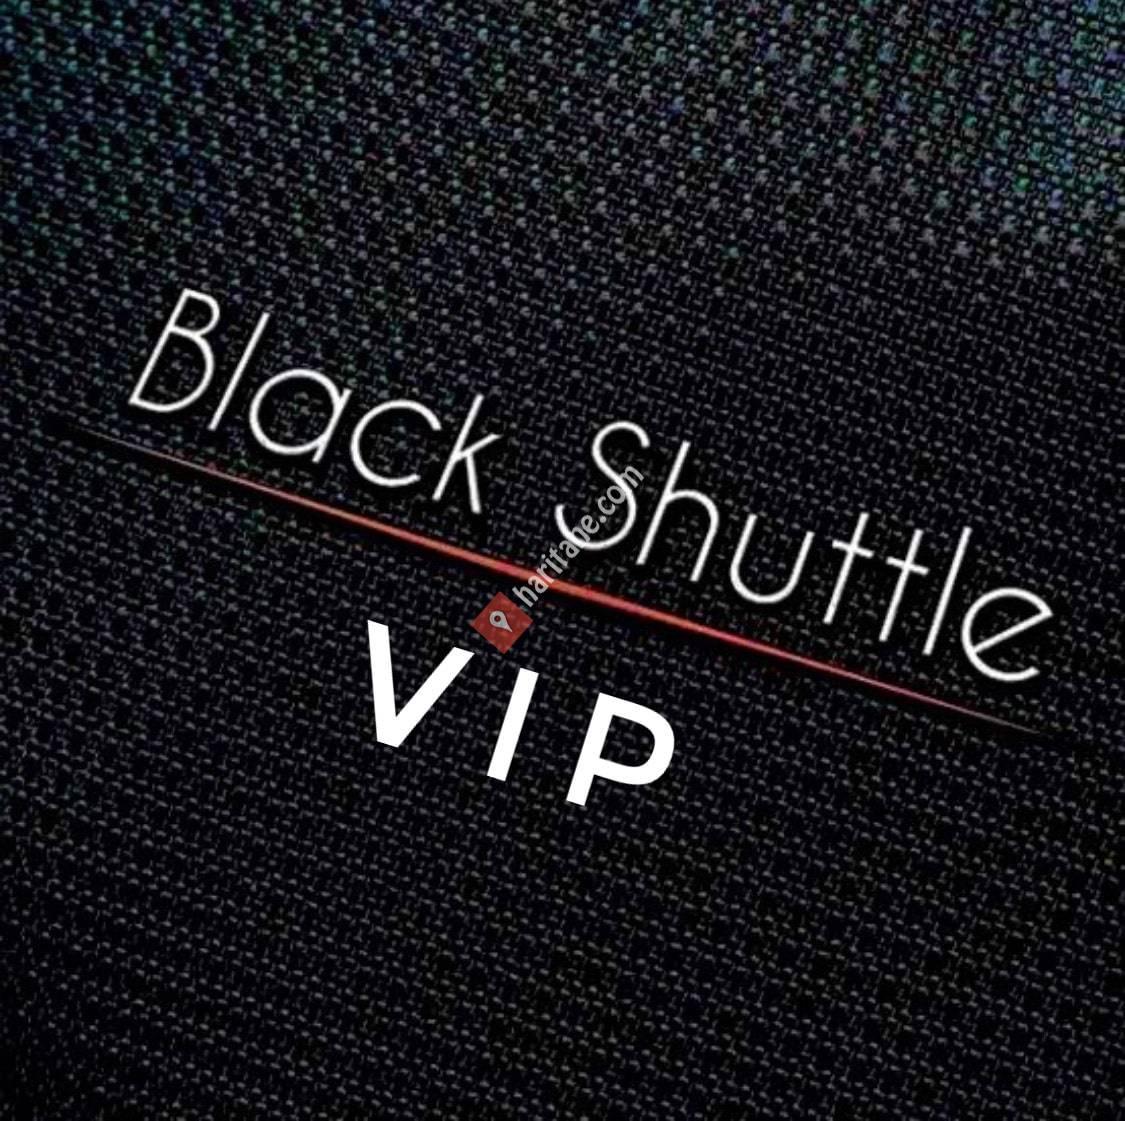 Black Shuttle Vip